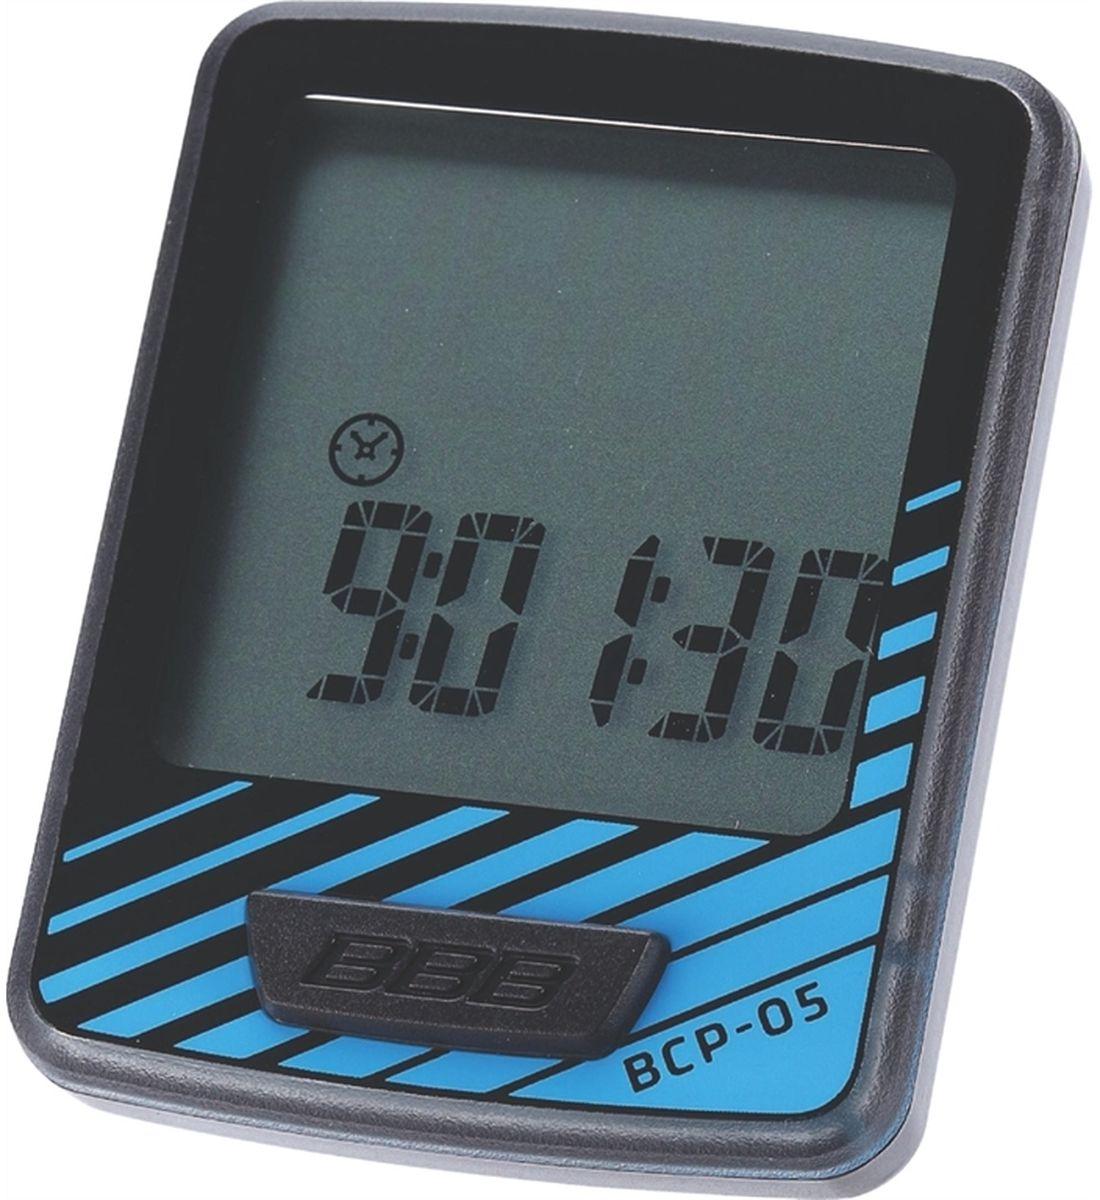 Велокомпьютер BBB DashBoard, 7 функций, цвет: черный, синийBCP-05Велокомпьютер DashBoard стал, в своем роде, образцом для подражания. Появившись в линейке в 2006 году как простой и небольшой велокомпьютер с большим и легкочитаемым экраном, он эволюционировал в любимый прибор велосипедистов, которым нужна простая в использовании вещь без тысячи лишних функций. Когда пришло время обновить DashBoard, мы поставили во главу угла именно простоту дизайна и использования, в то же время, выведя оба этих параметра на новый уровень. Общий размер велокомпьютера уменьшился за счет верхней части корпуса. Но сам размер экрана остался без изменений - 32 на 32мм, позволяющие легко считывать информацию. Управление одной кнопкой также было сохранено в новой версии. Упрощение конструкции осзначает также меньшее количество швов и лучшую влагозащиту. Так что, DashBoard стал лучше, но остался тем же самым верным другом и помочником, что и был. Проводной компьютер с 7 функциями: Текущая скорость Расстояние поездки Одометр ...